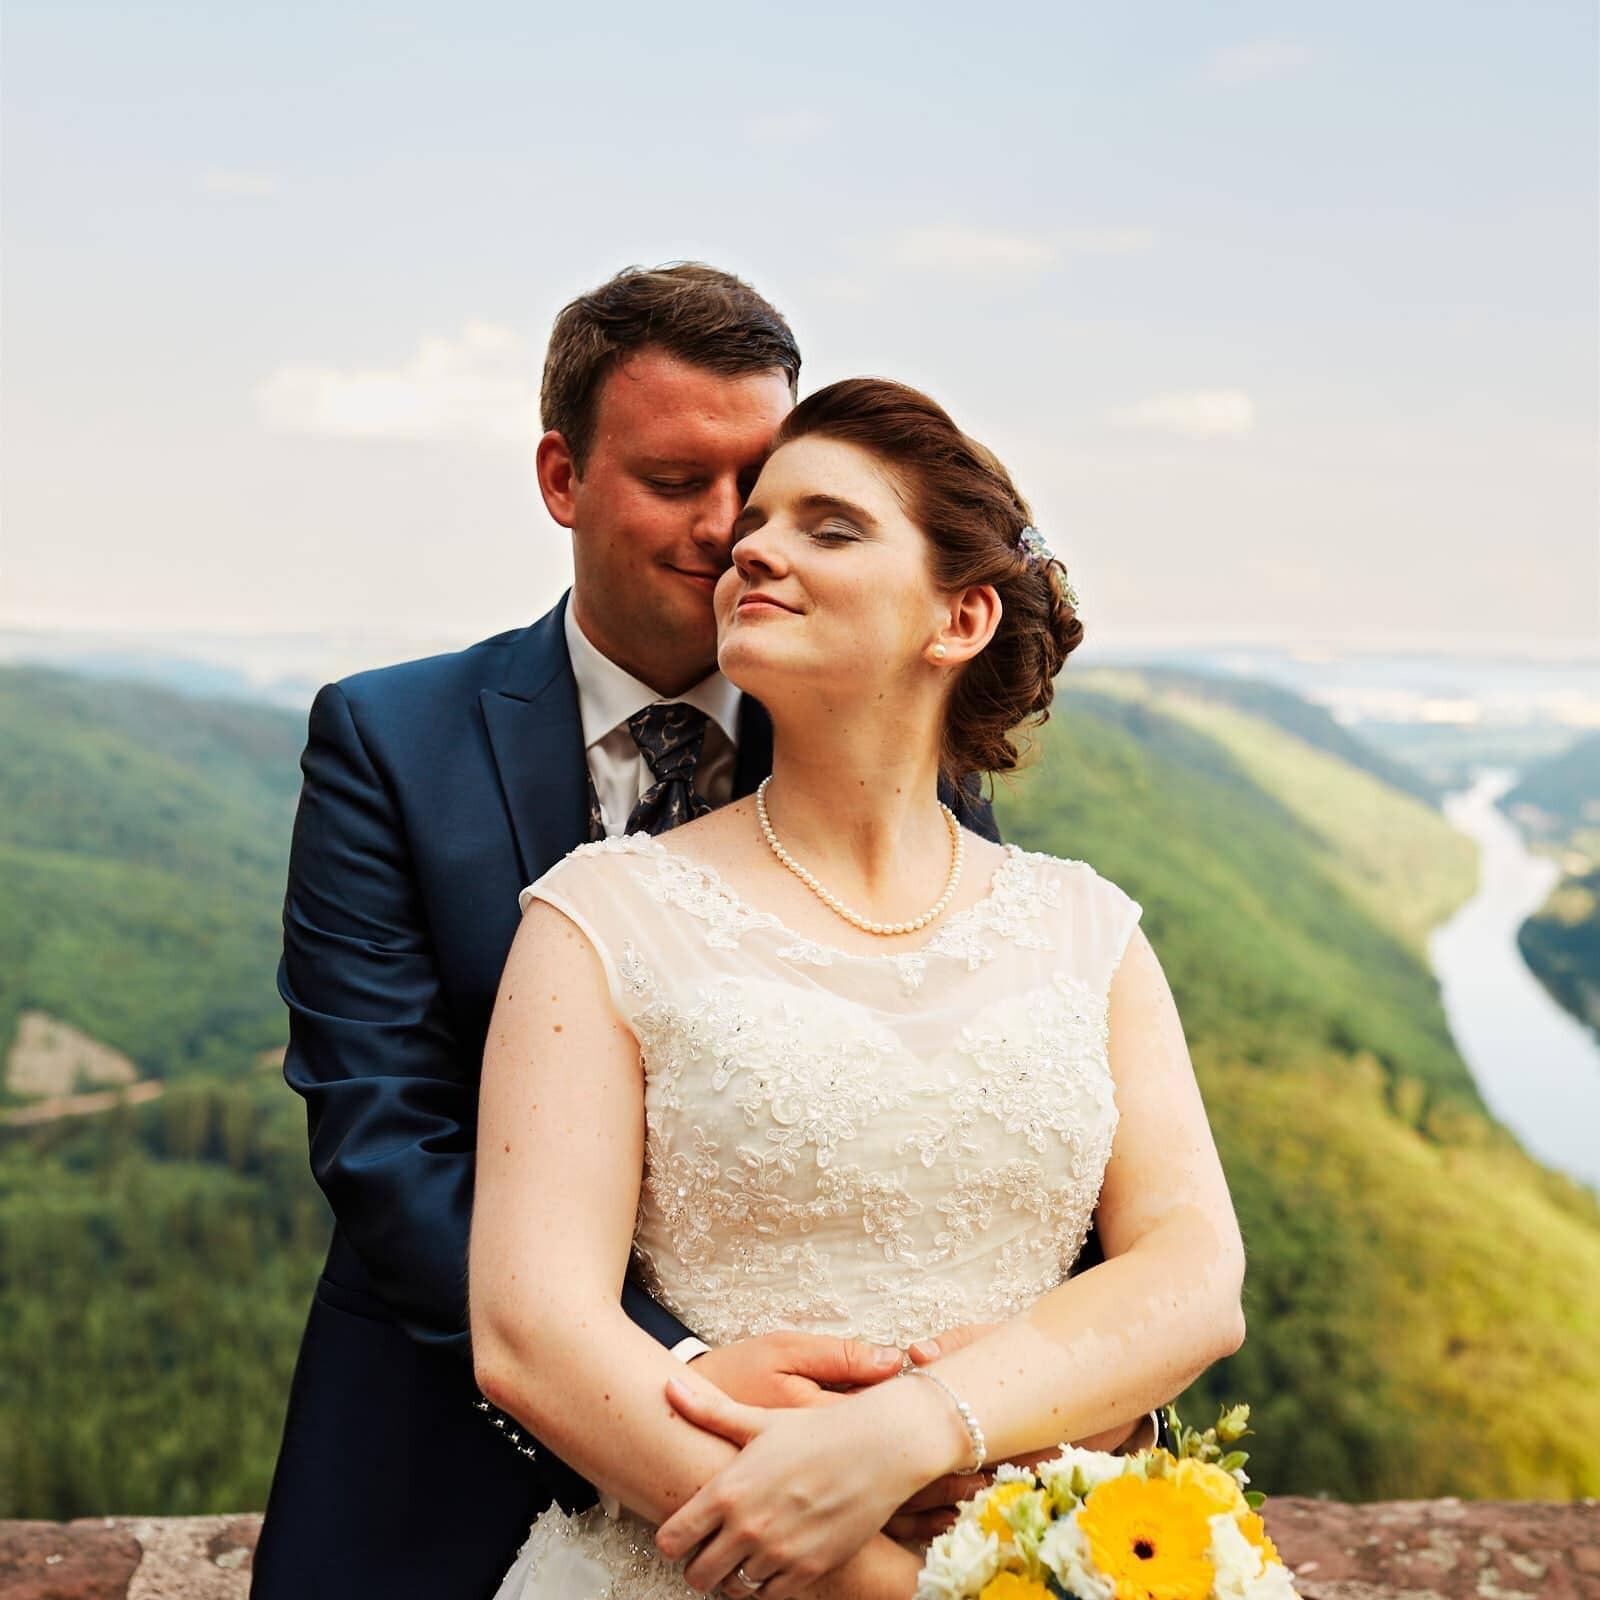 Romantische Hochzeitsfotos mit Vintage oder Boho Look im Saarland